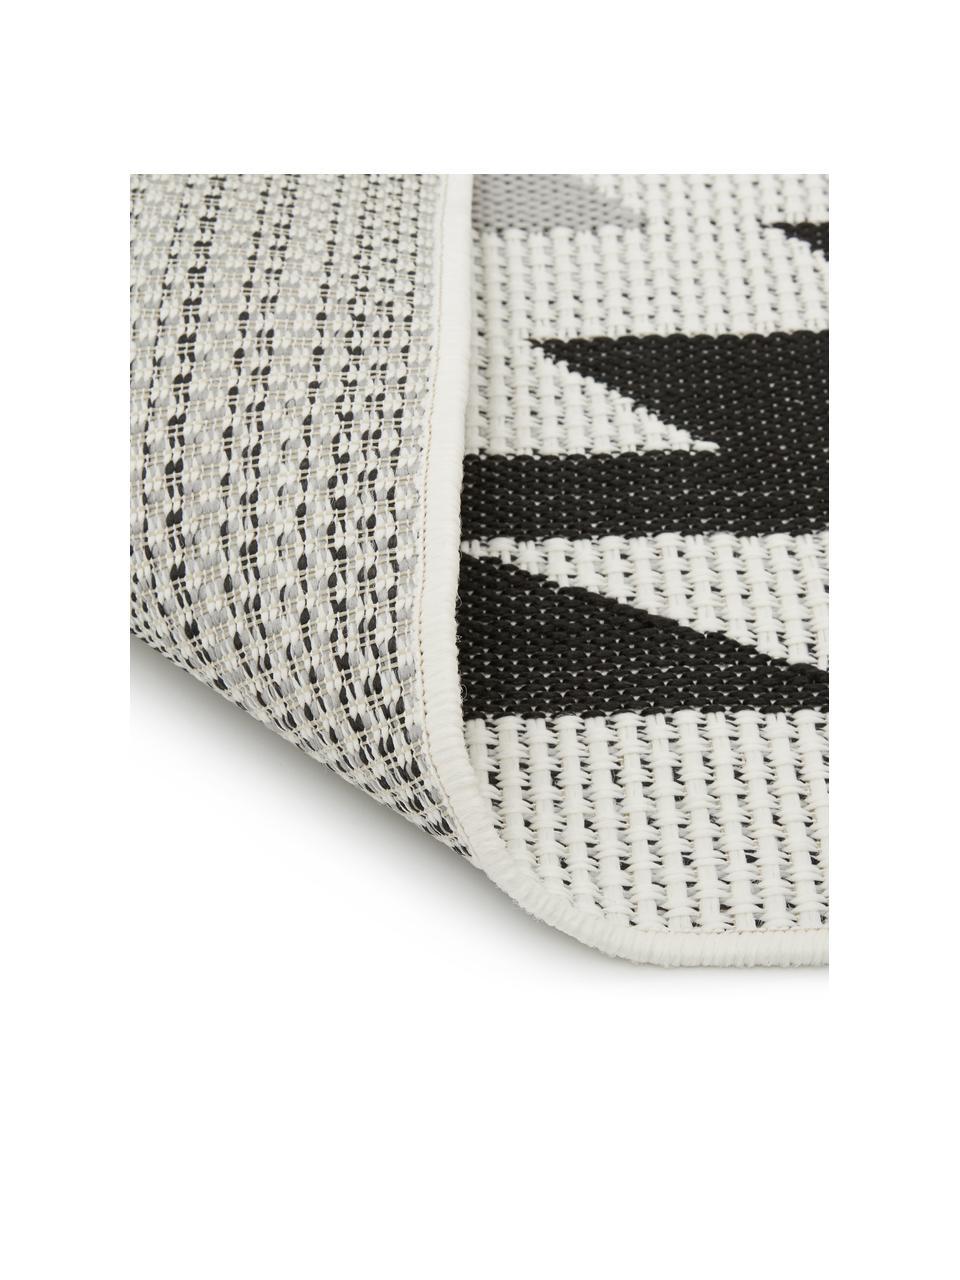 In- & Outdoor-Teppich Ikat mit Ethno Muster, 86% Polypropylen, 14% Polyester, Cremeweiß, Schwarz, Grau, B 200 x L 290 cm (Größe L)